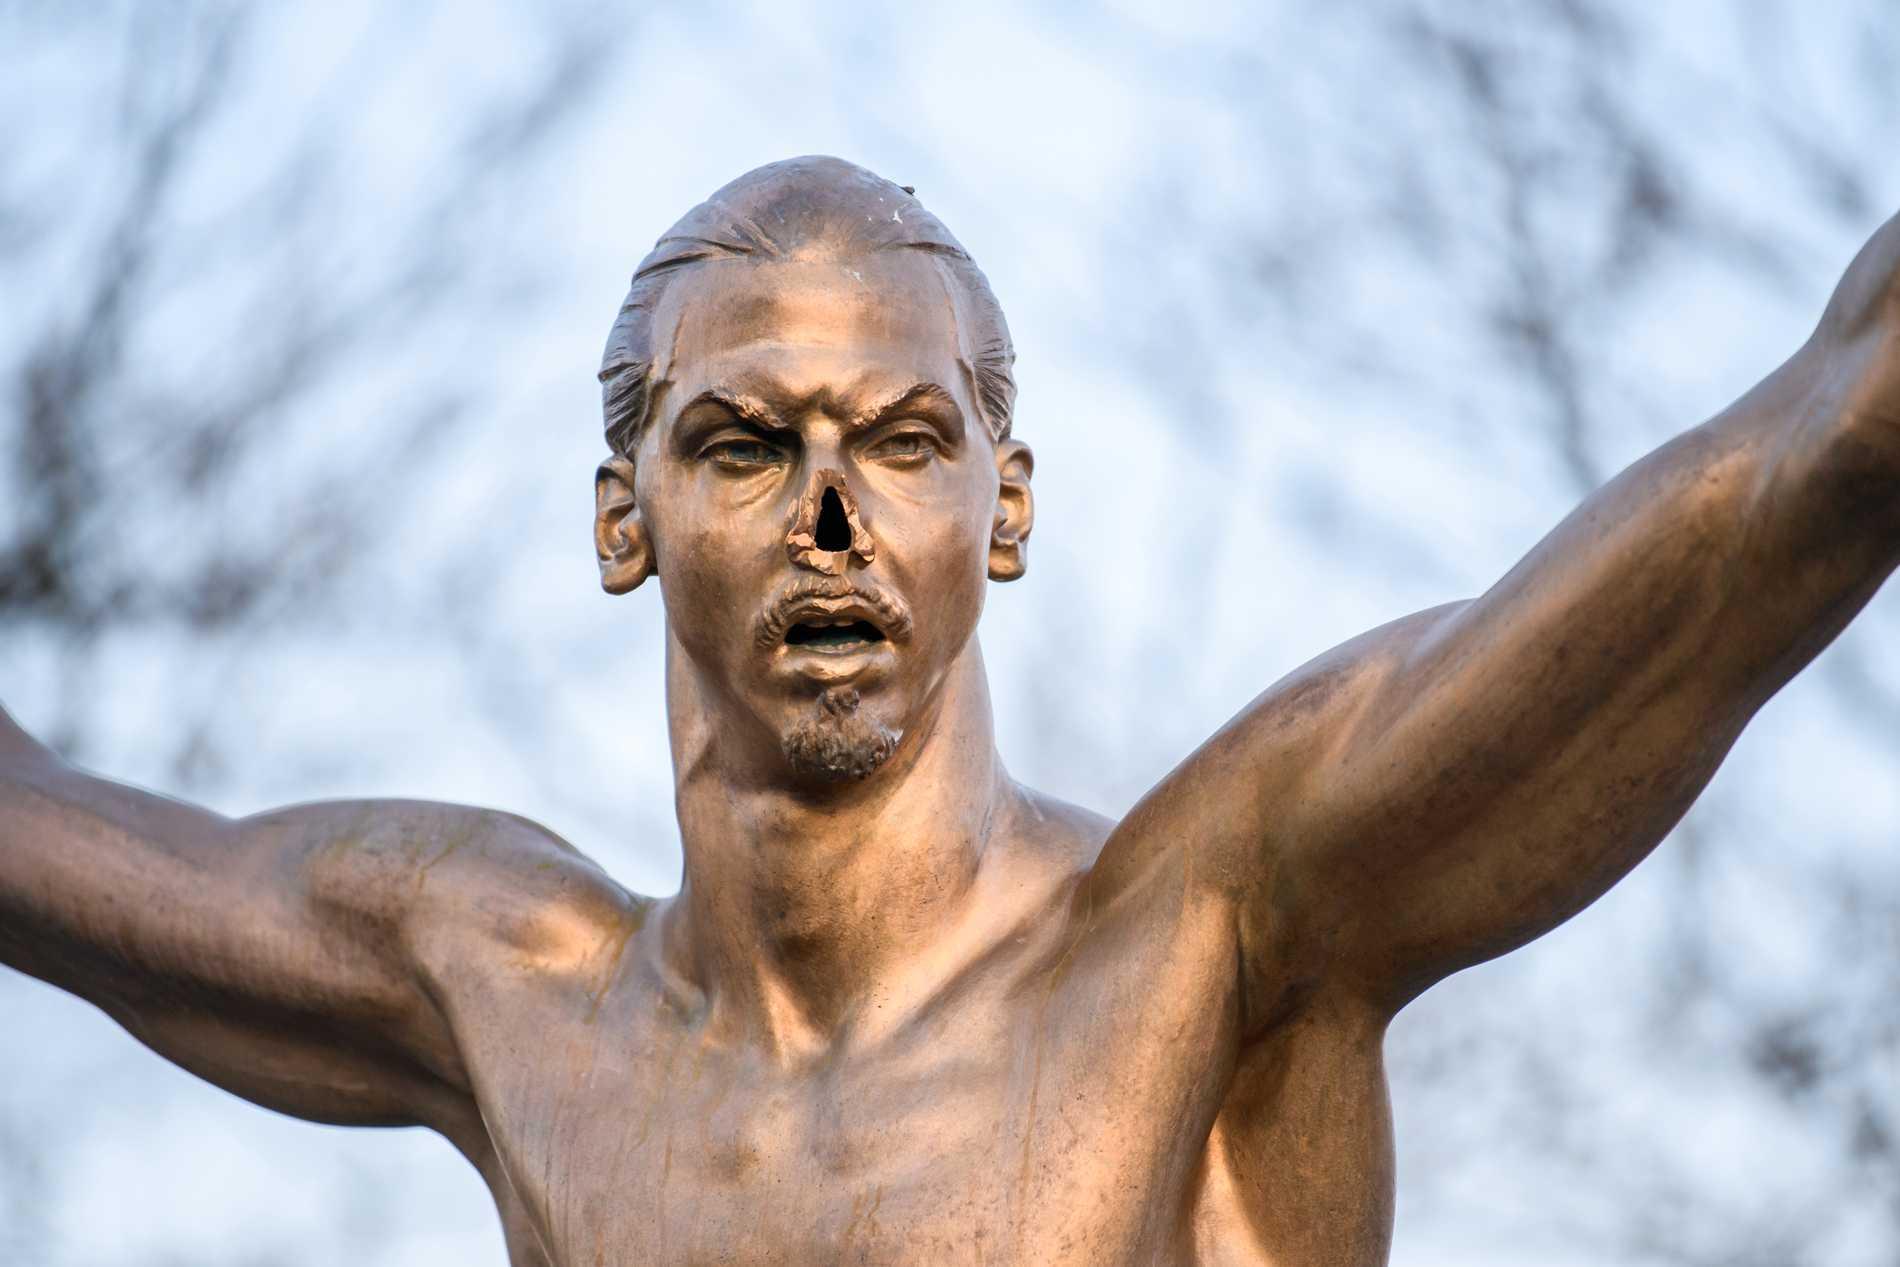 Zlatan-statyn vandaliserades och vältes.